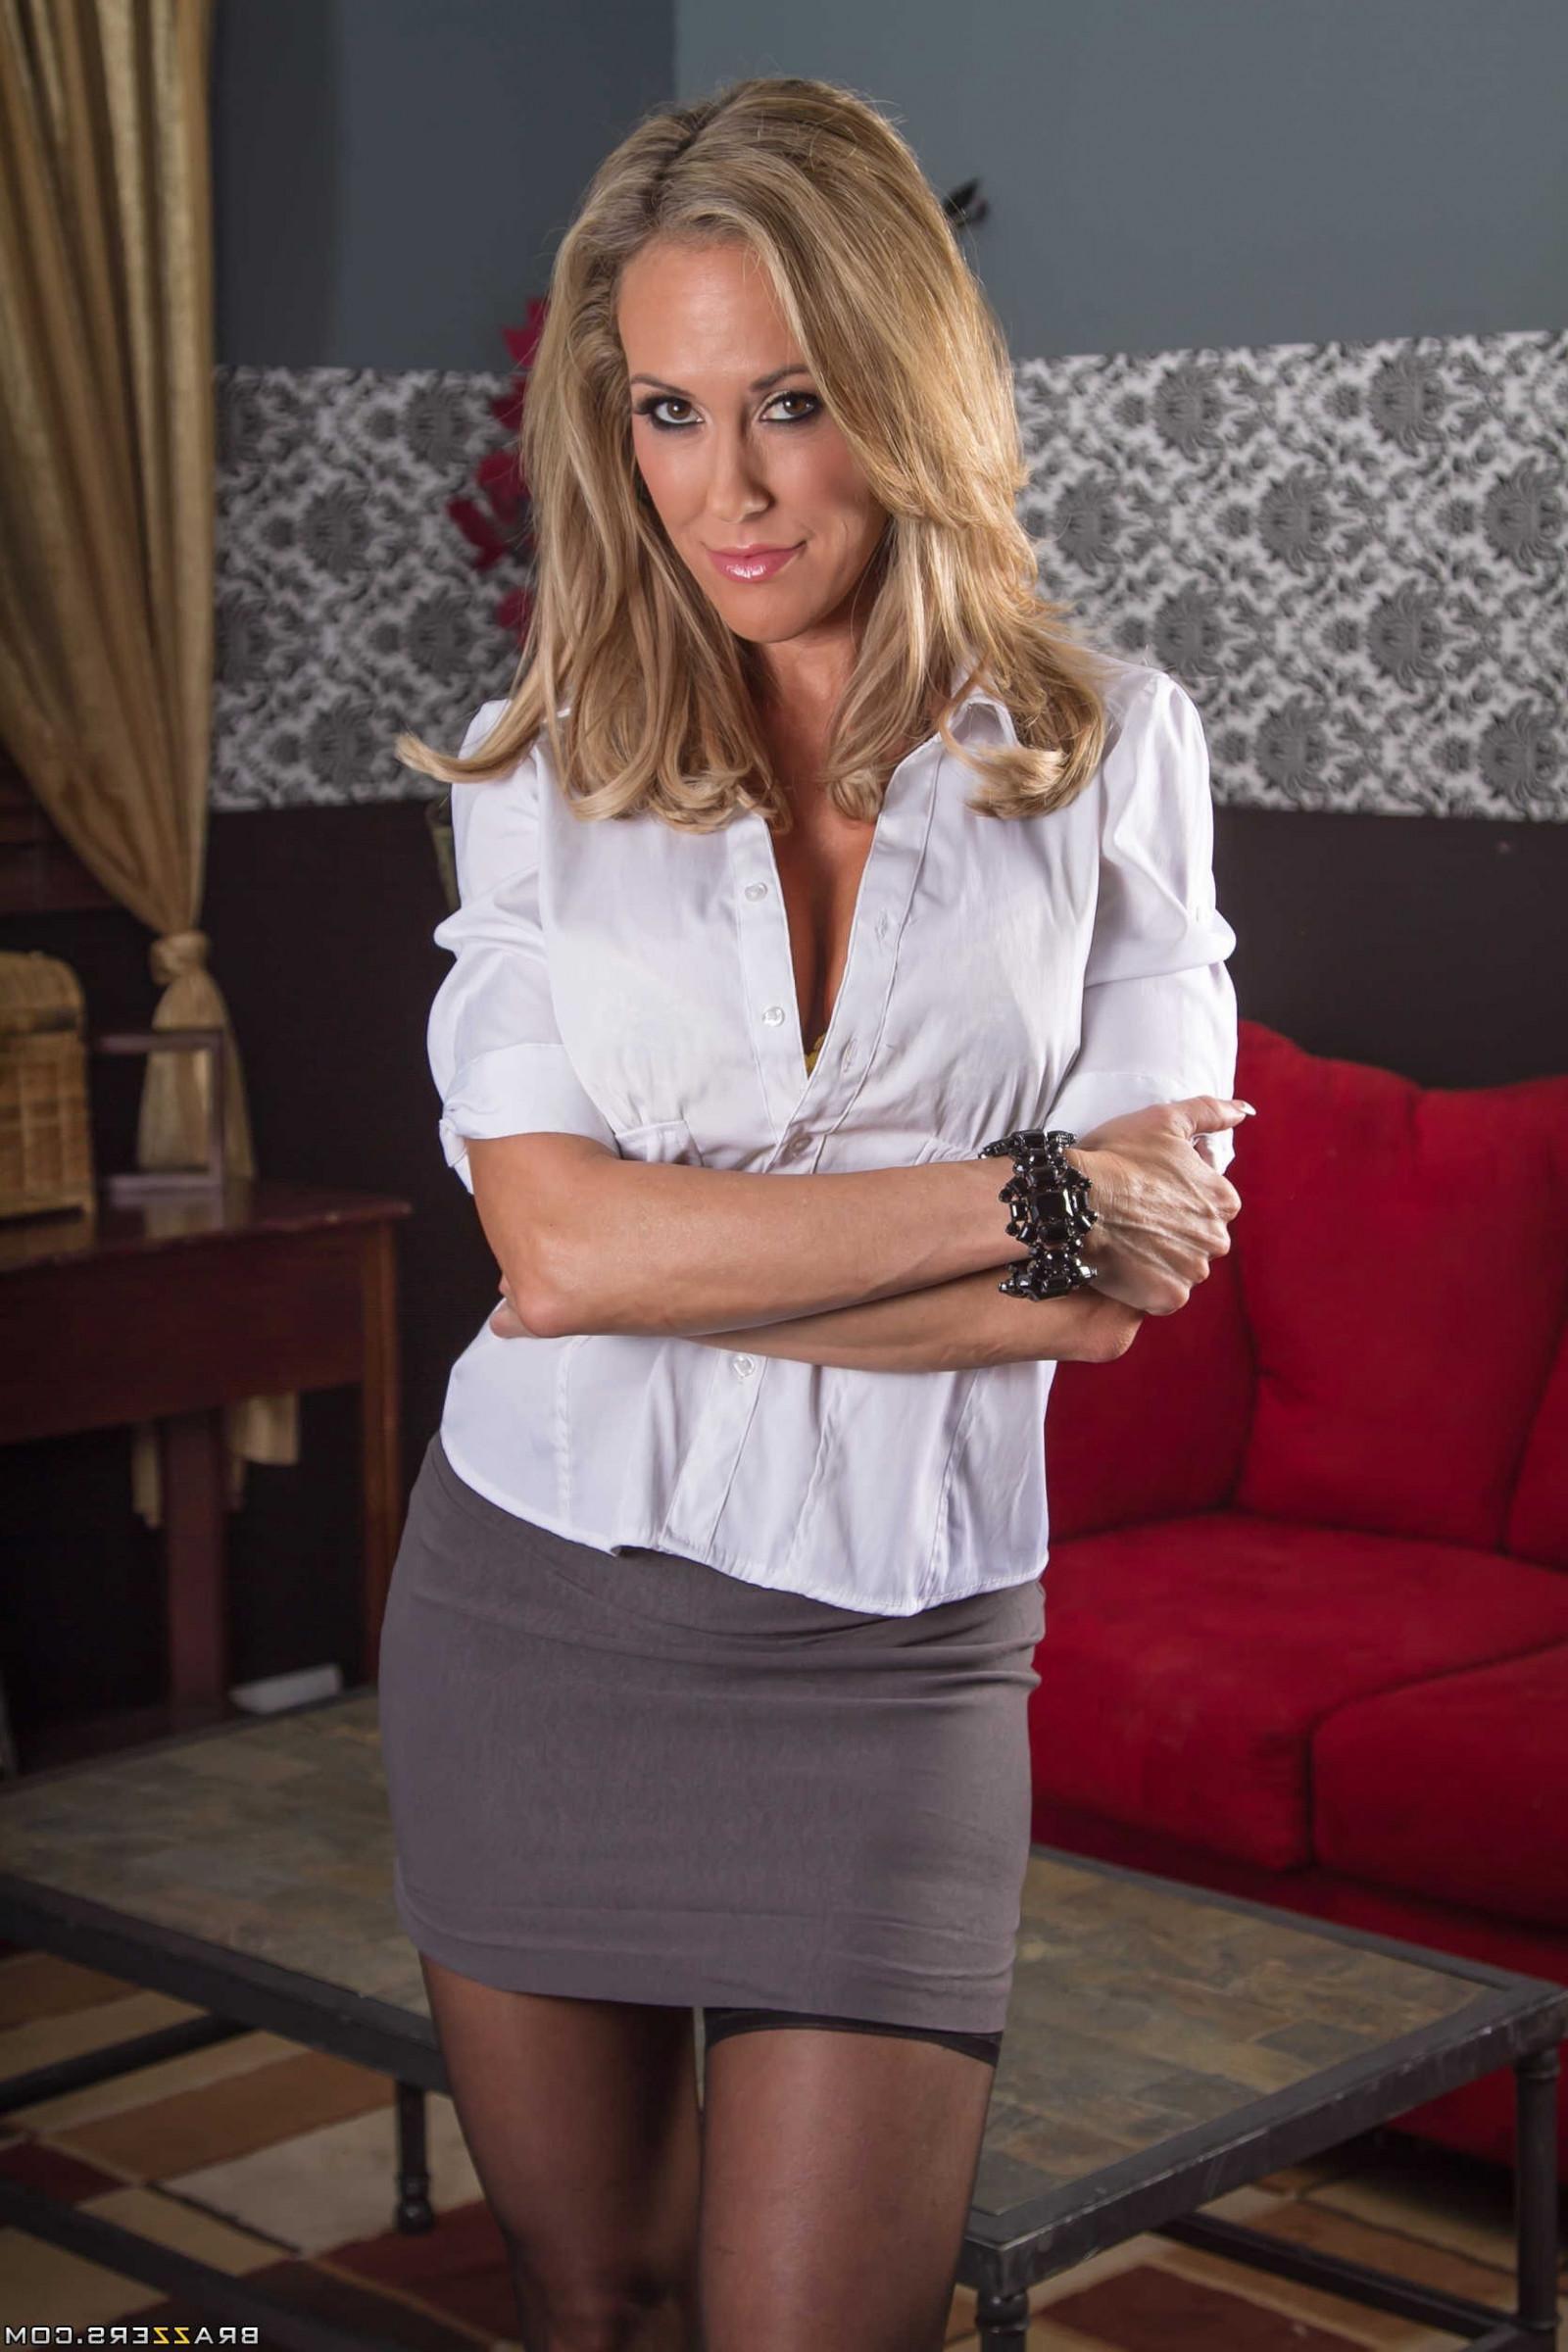 Wallpaper  Model, Blonde, Long Hair, Stockings, Fashion, Miniskirt, Brazzers -8693